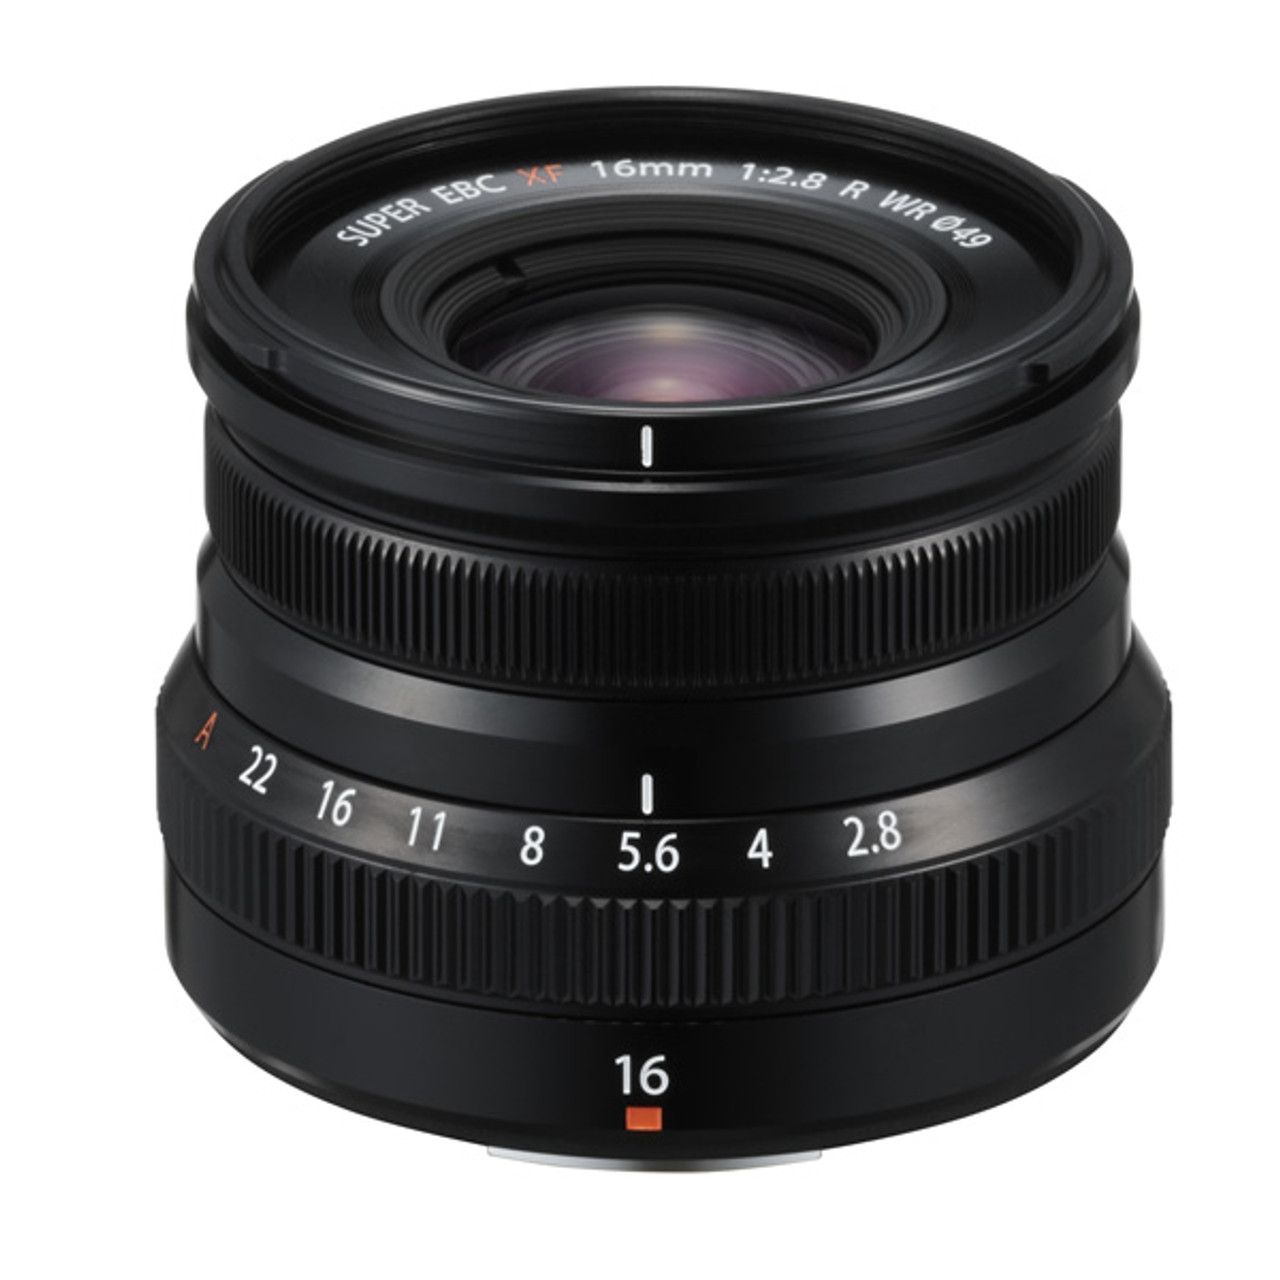 Fujfilm Fujinon XF 16mm F2.8 R WR Black